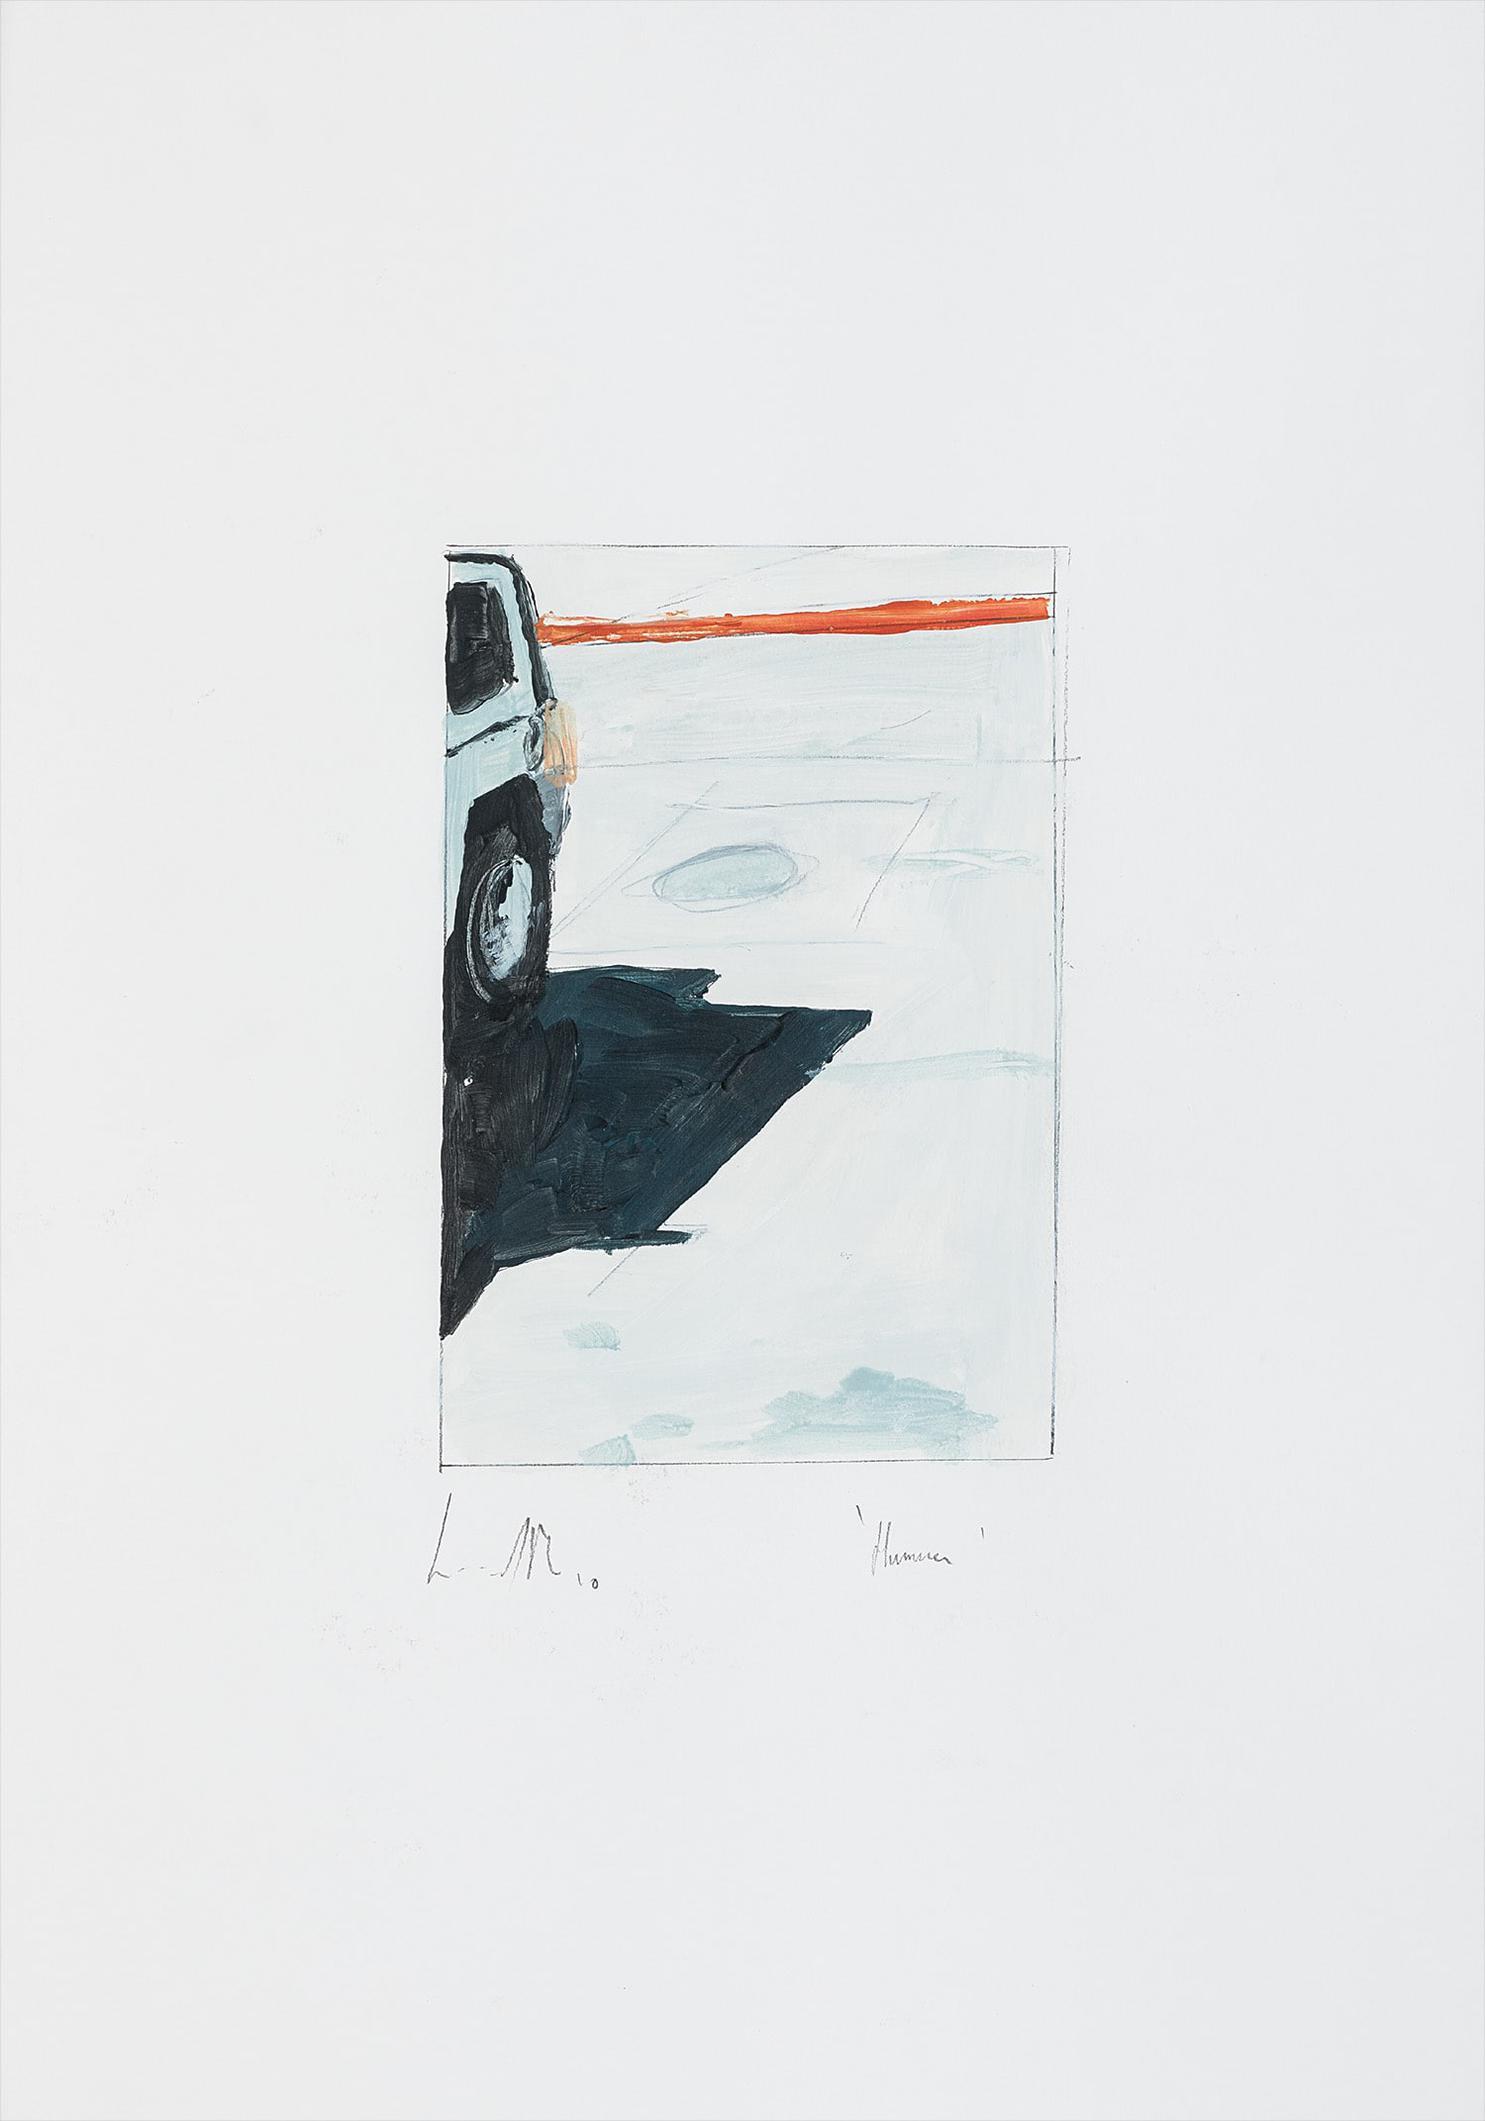 Koen Van Den Broek-Hummer-2010